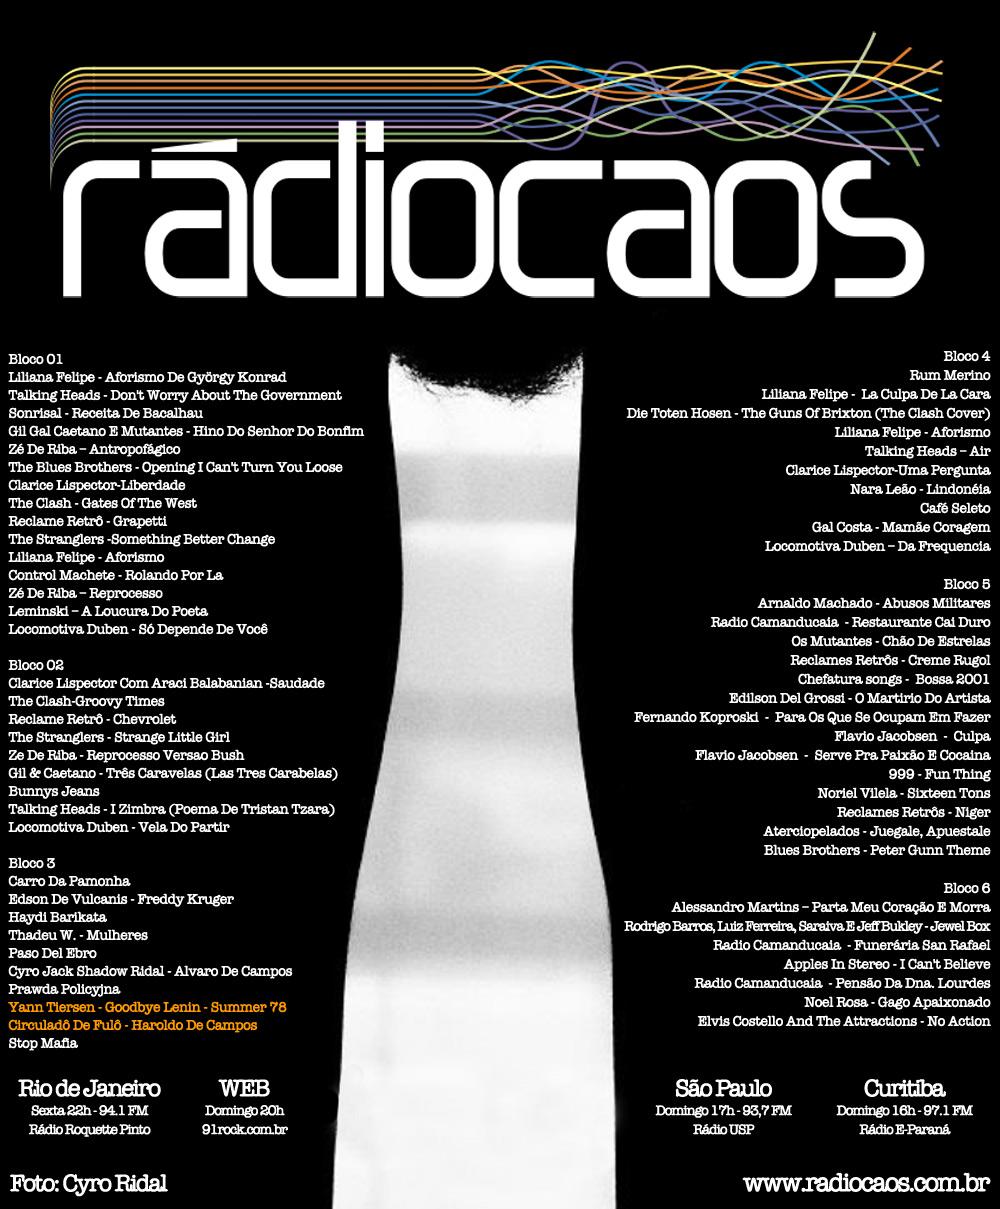 Mailcaos-04-11-2012